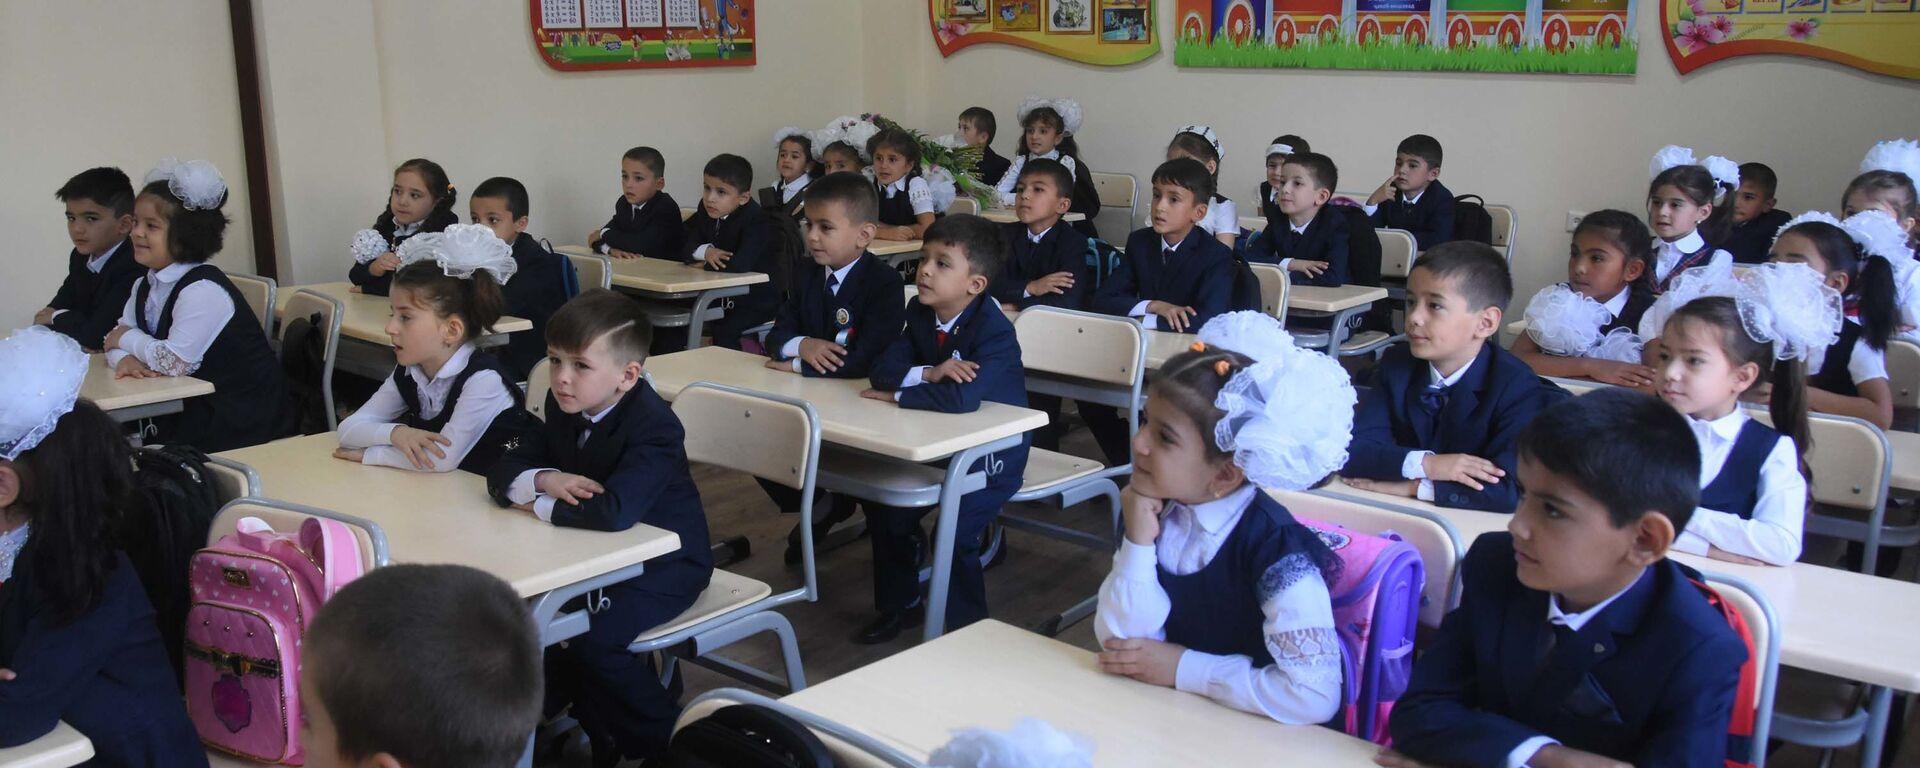 Первоклассники на первом уроке новой школы №31 - Sputnik Таджикистан, 1920, 05.08.2021